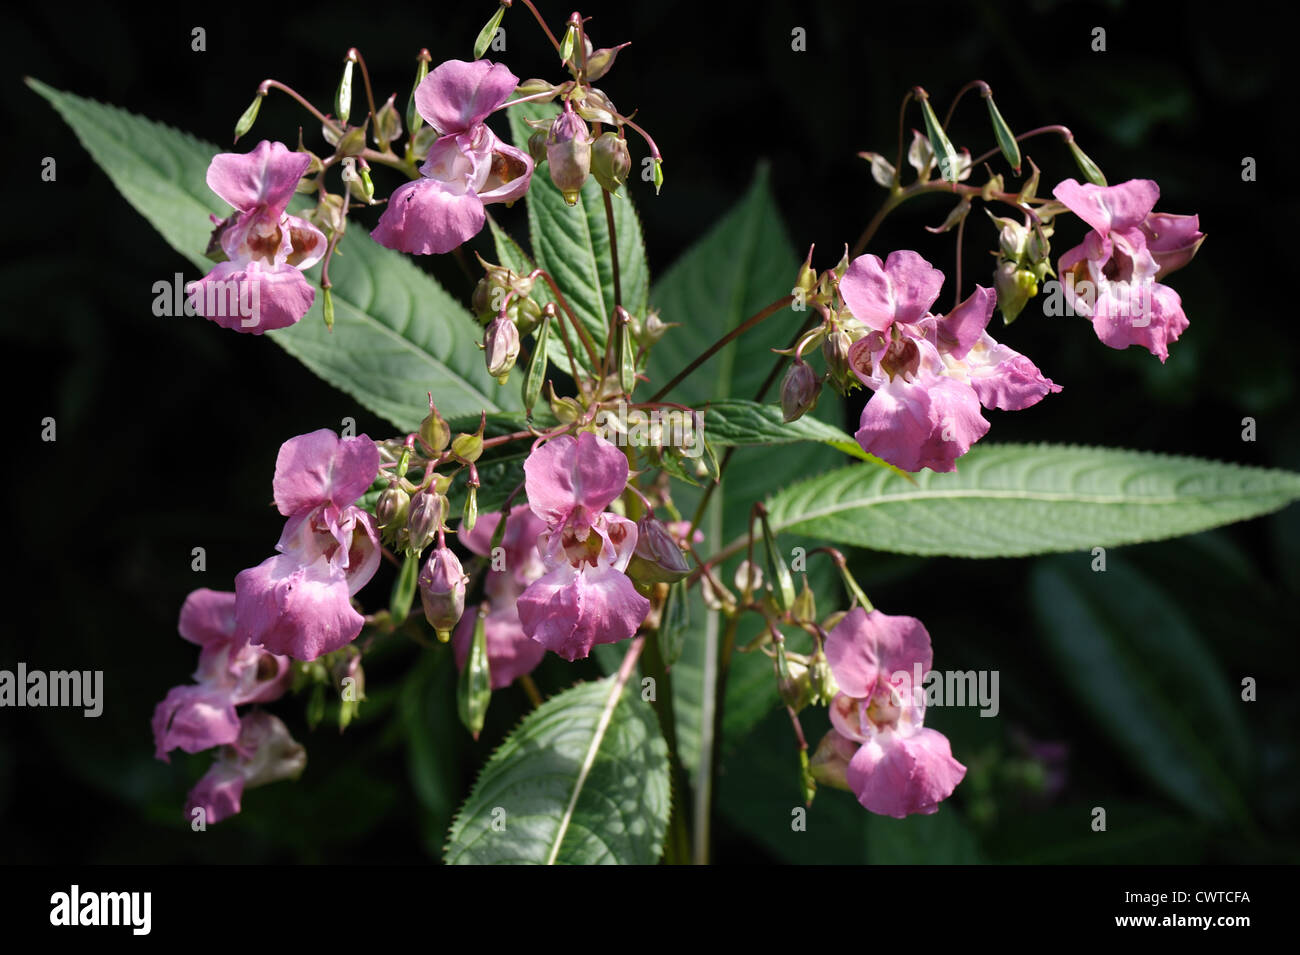 Drüsige Springkraut (Impatiens Gladulifera) Blüten, die Samenkapseln & verlässt Schatten im Hintergrund Stockfoto